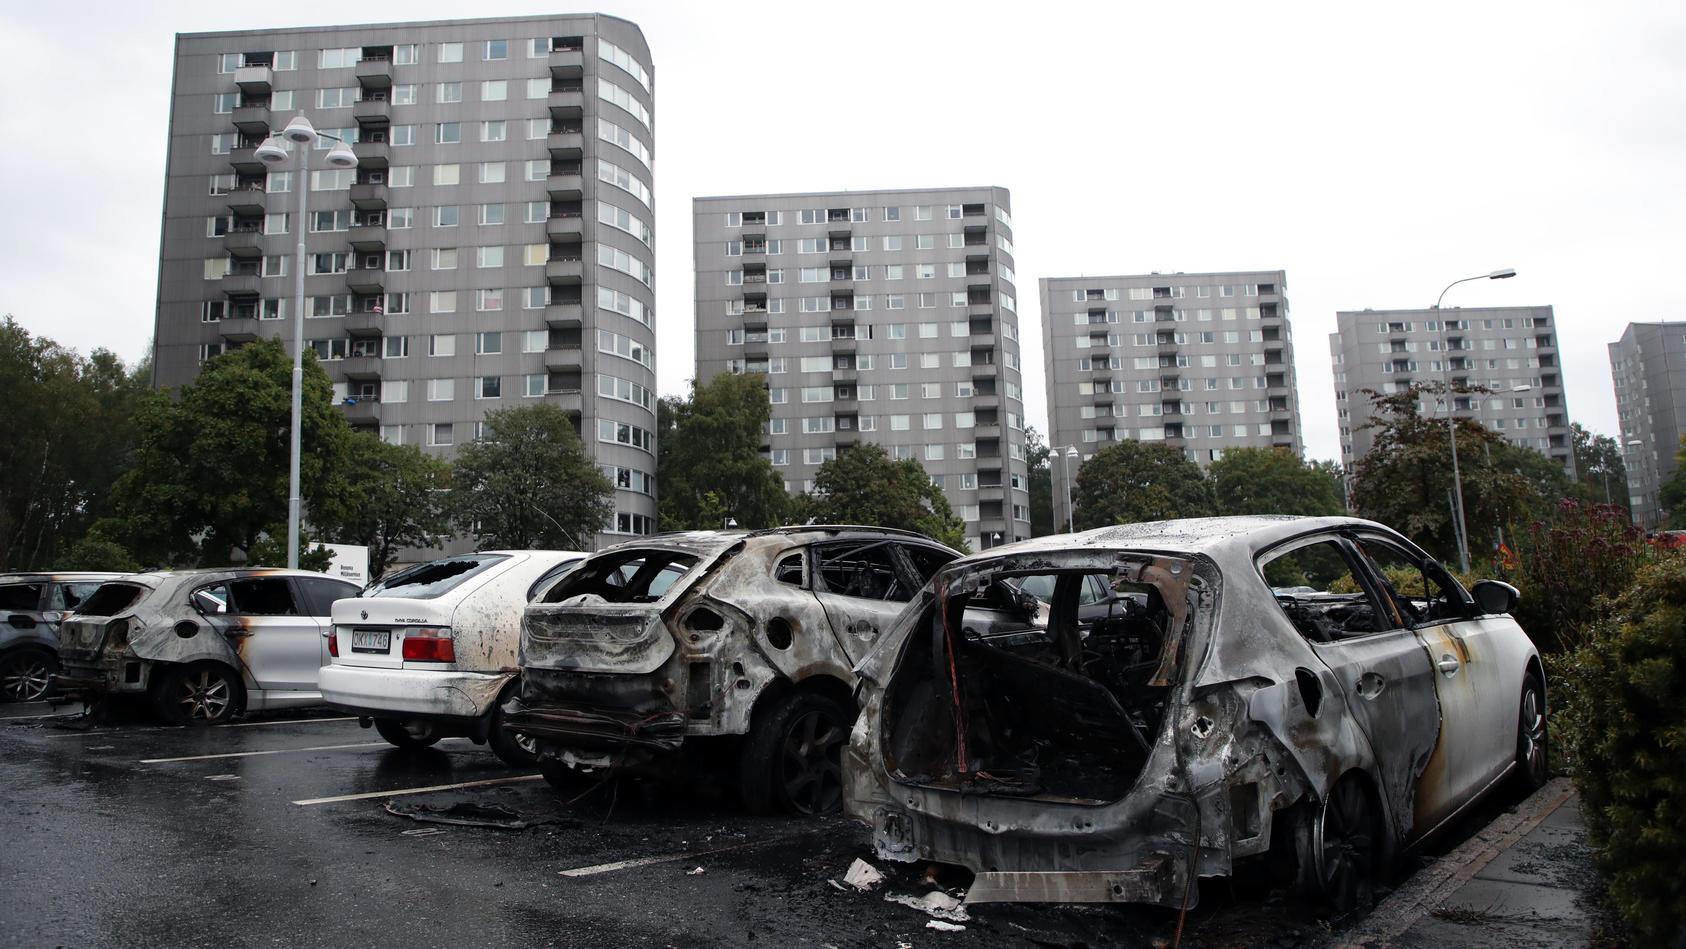 Autos in Schweden in Brand gesetzt: Die Hintergründe sind noch unklar.